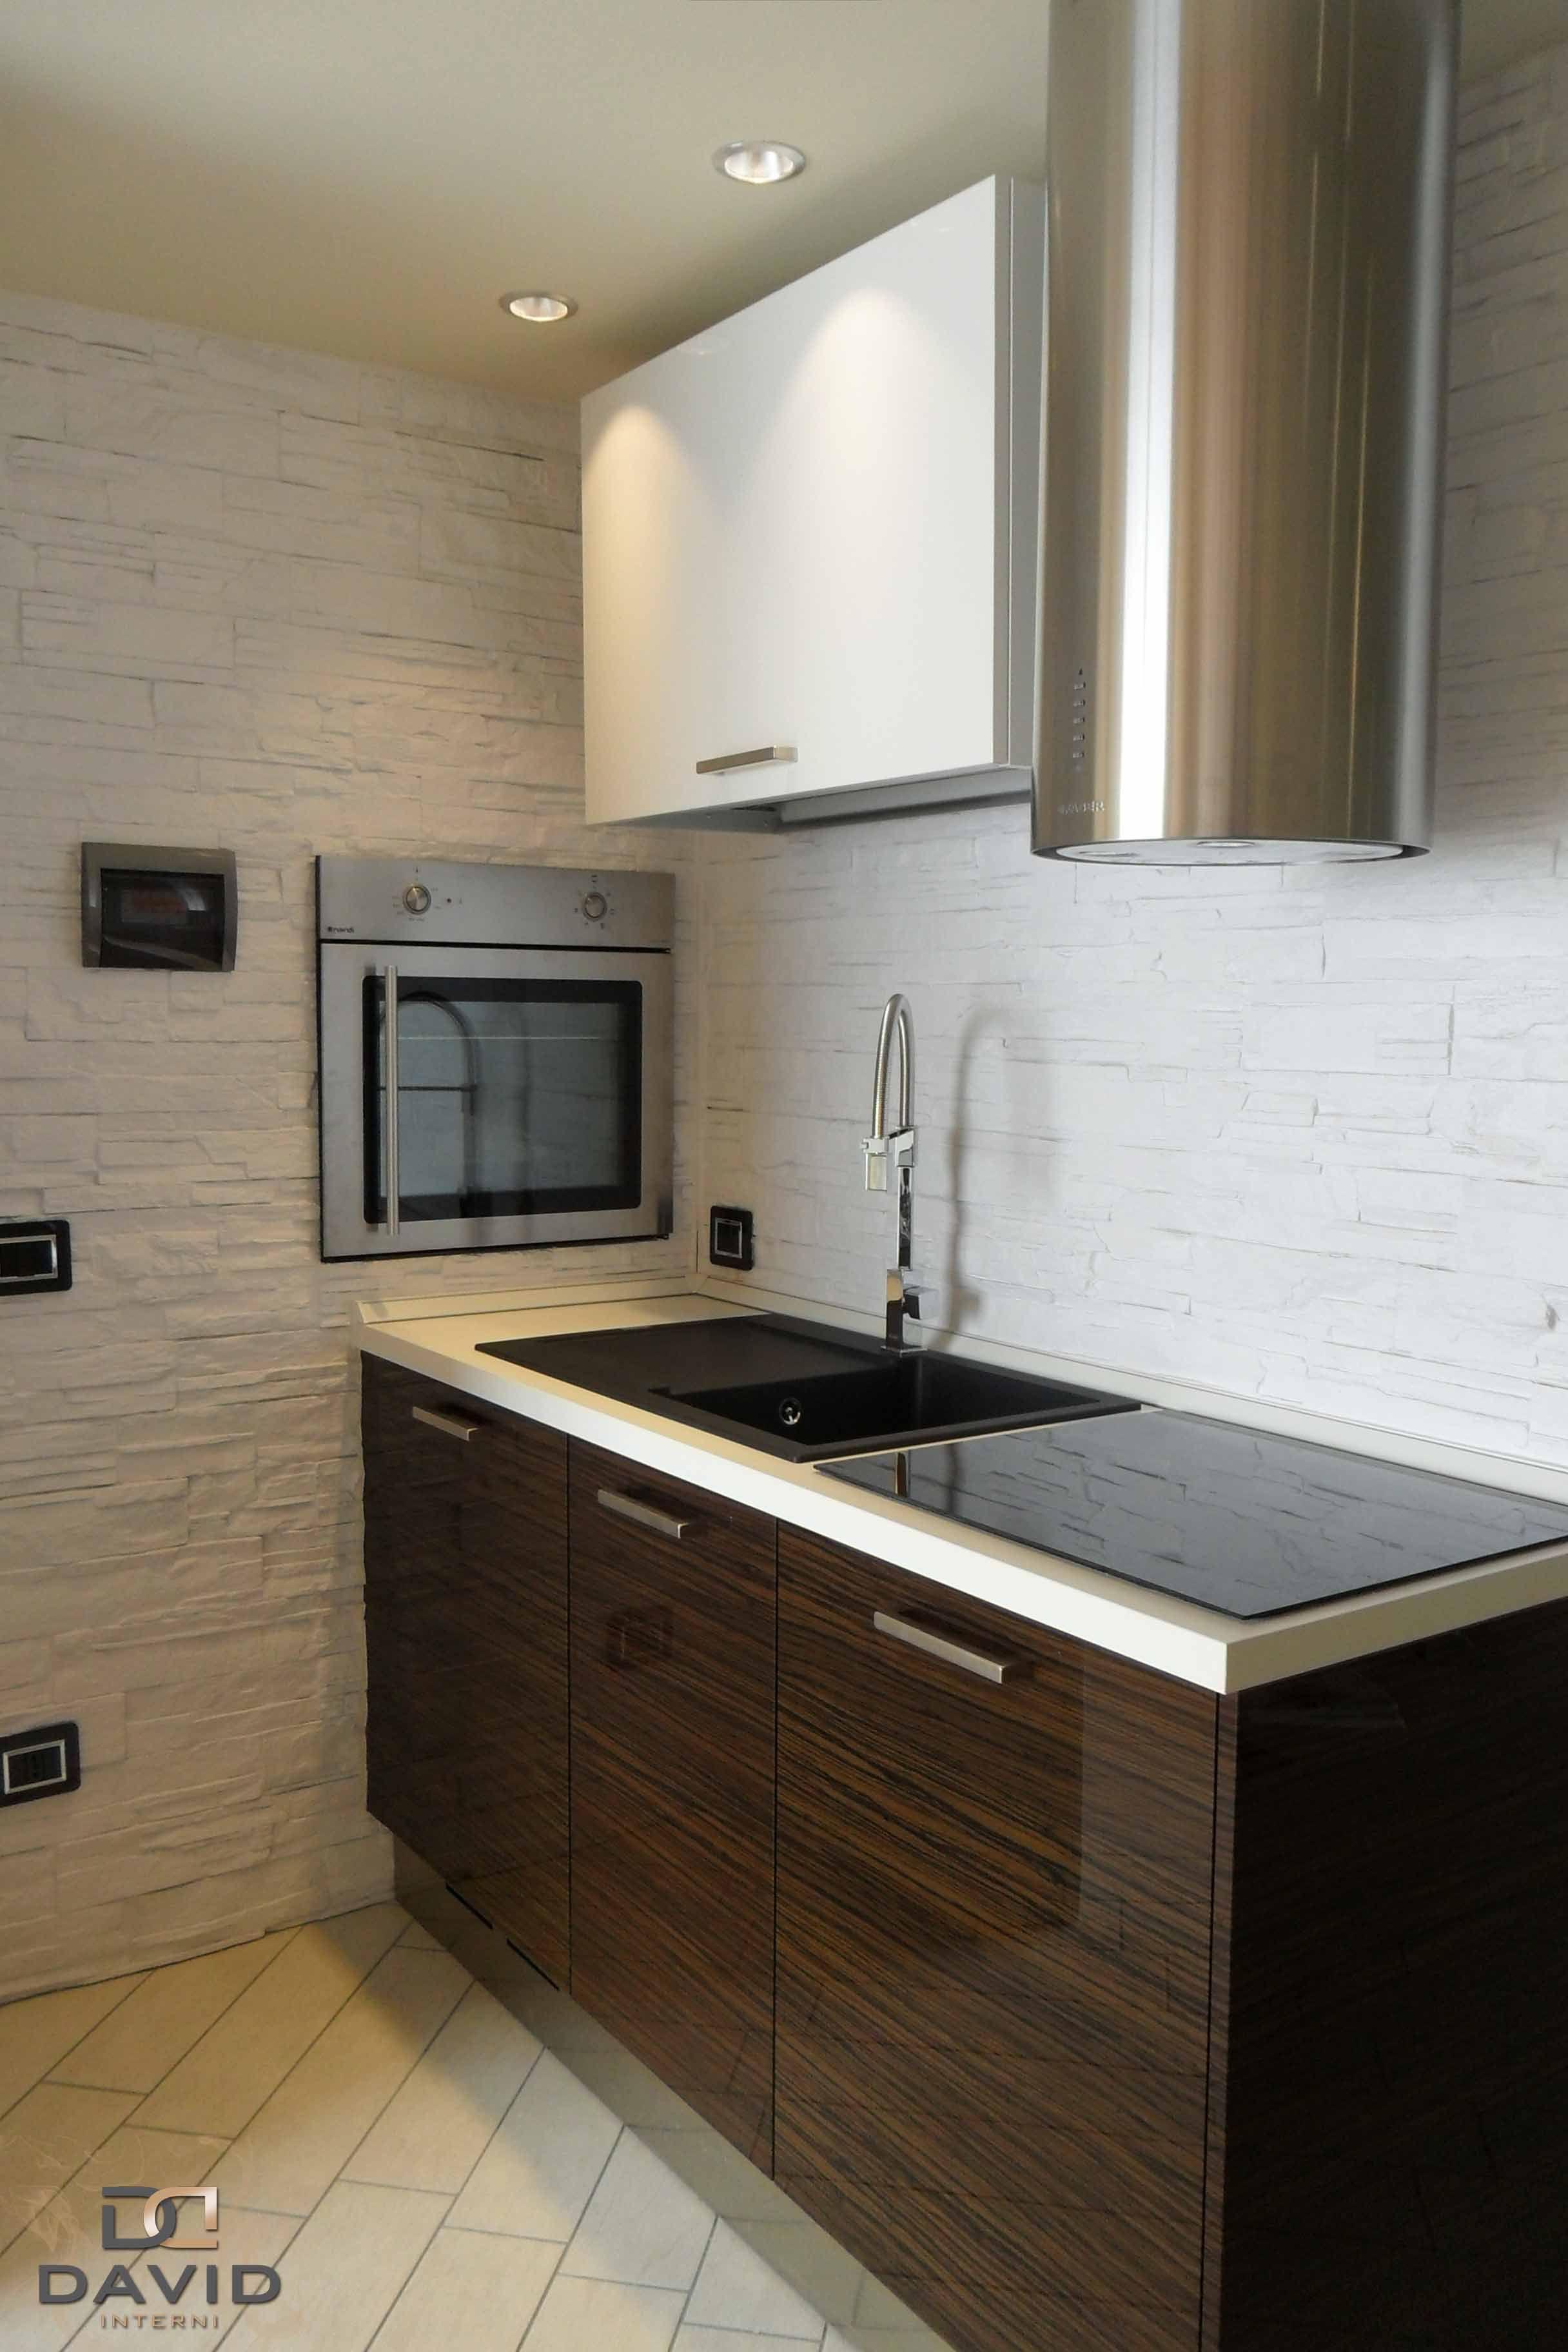 cucina su misura in laccato bianco e ebano con elettrodomestici in ... - Cucina Elettrodomestici